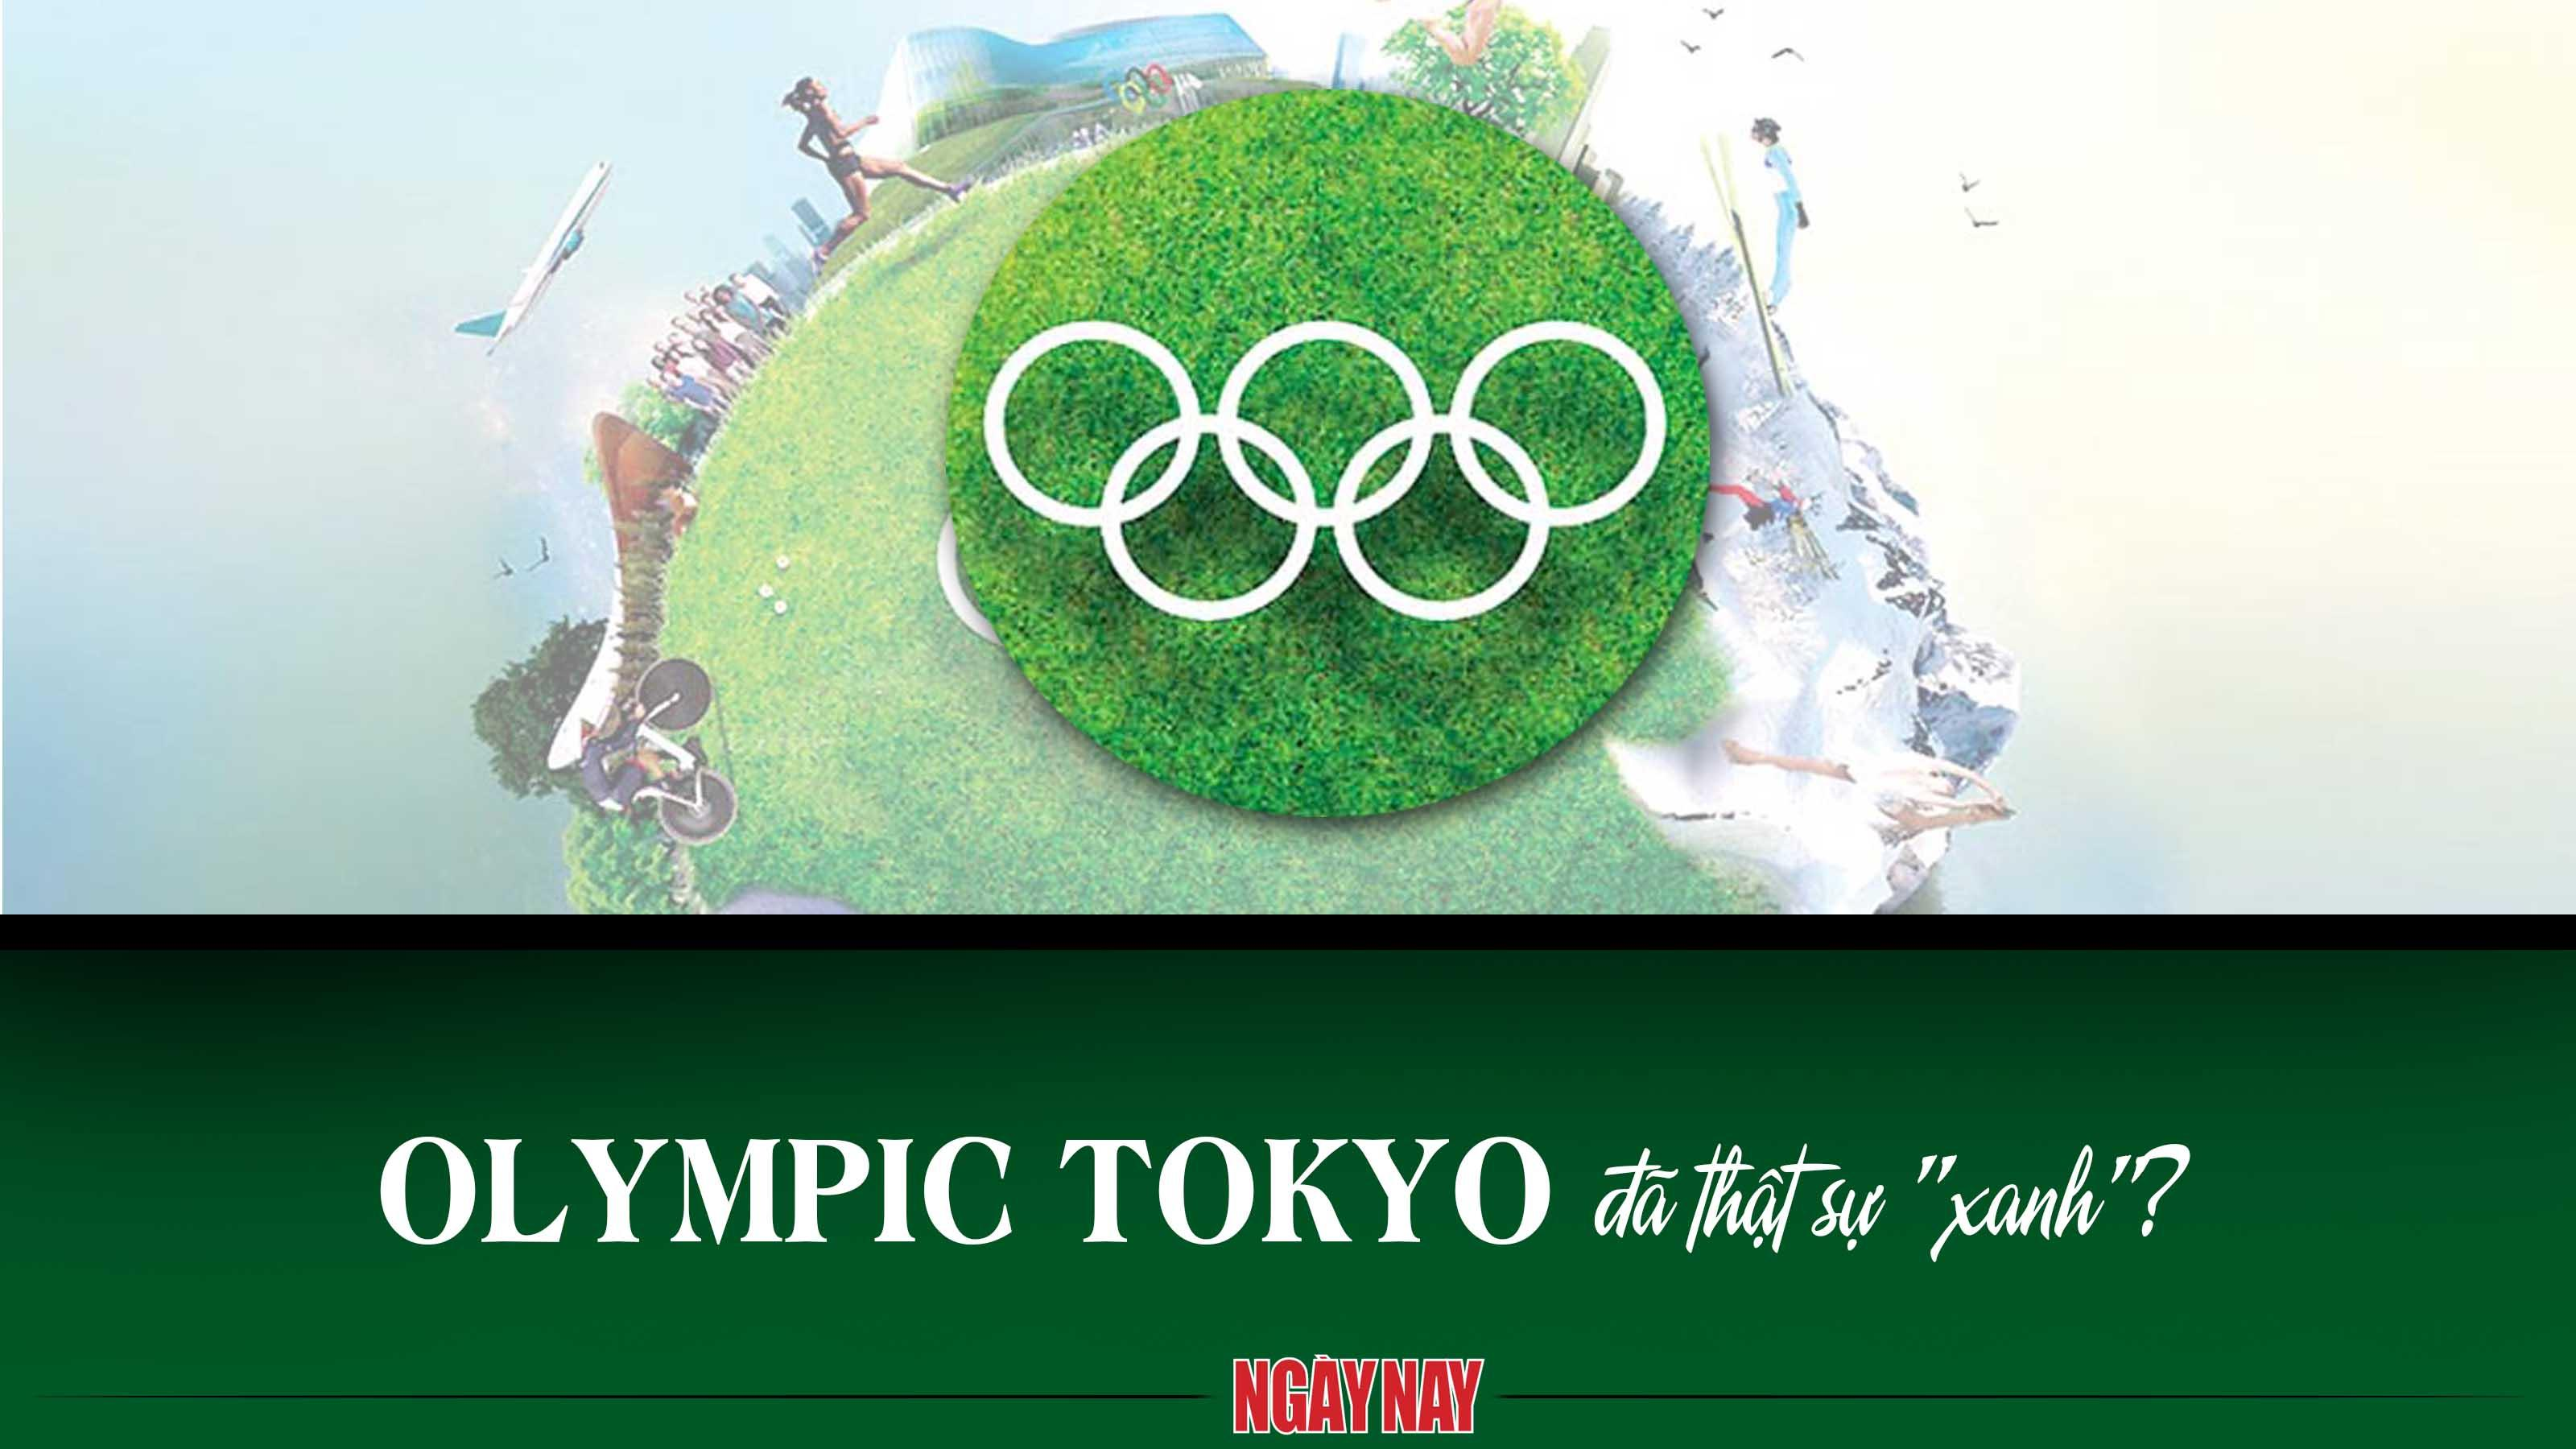 Olympic Tokyo đã thật sự 'xanh'?